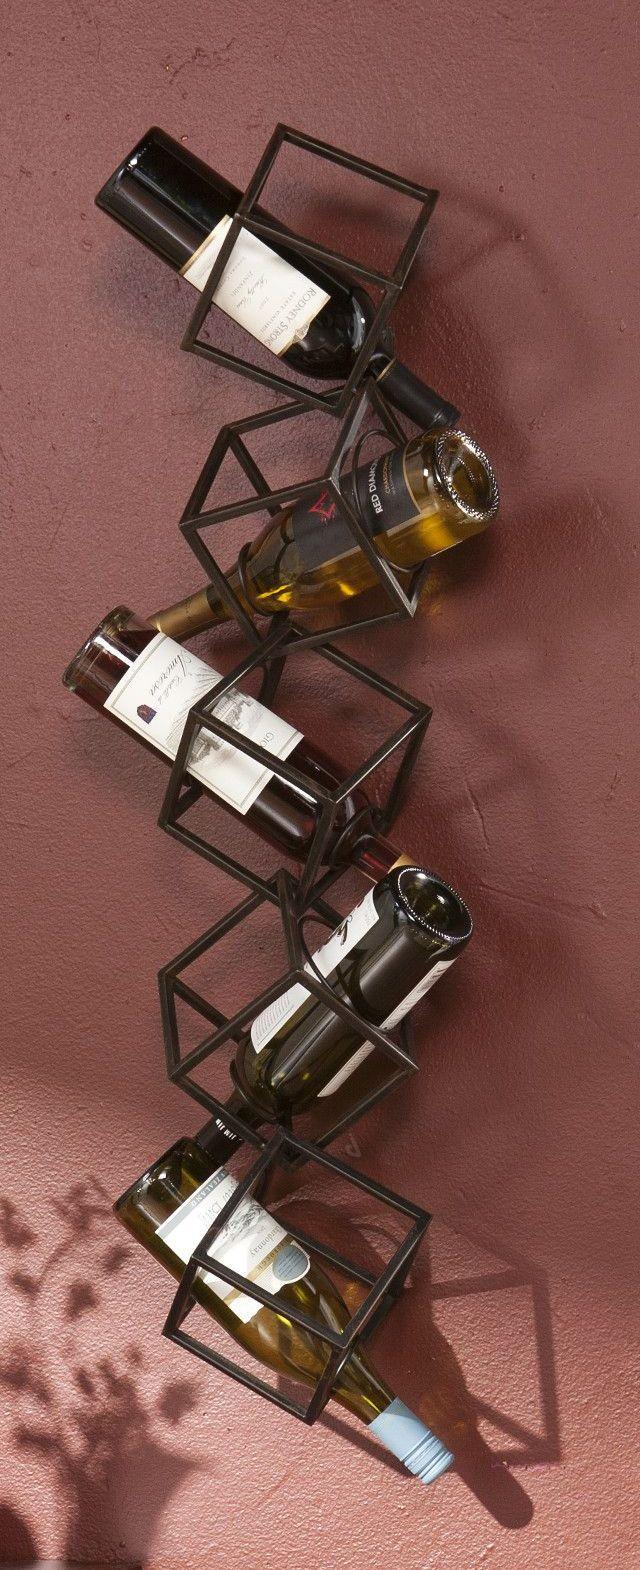 Support bouteilles de vin